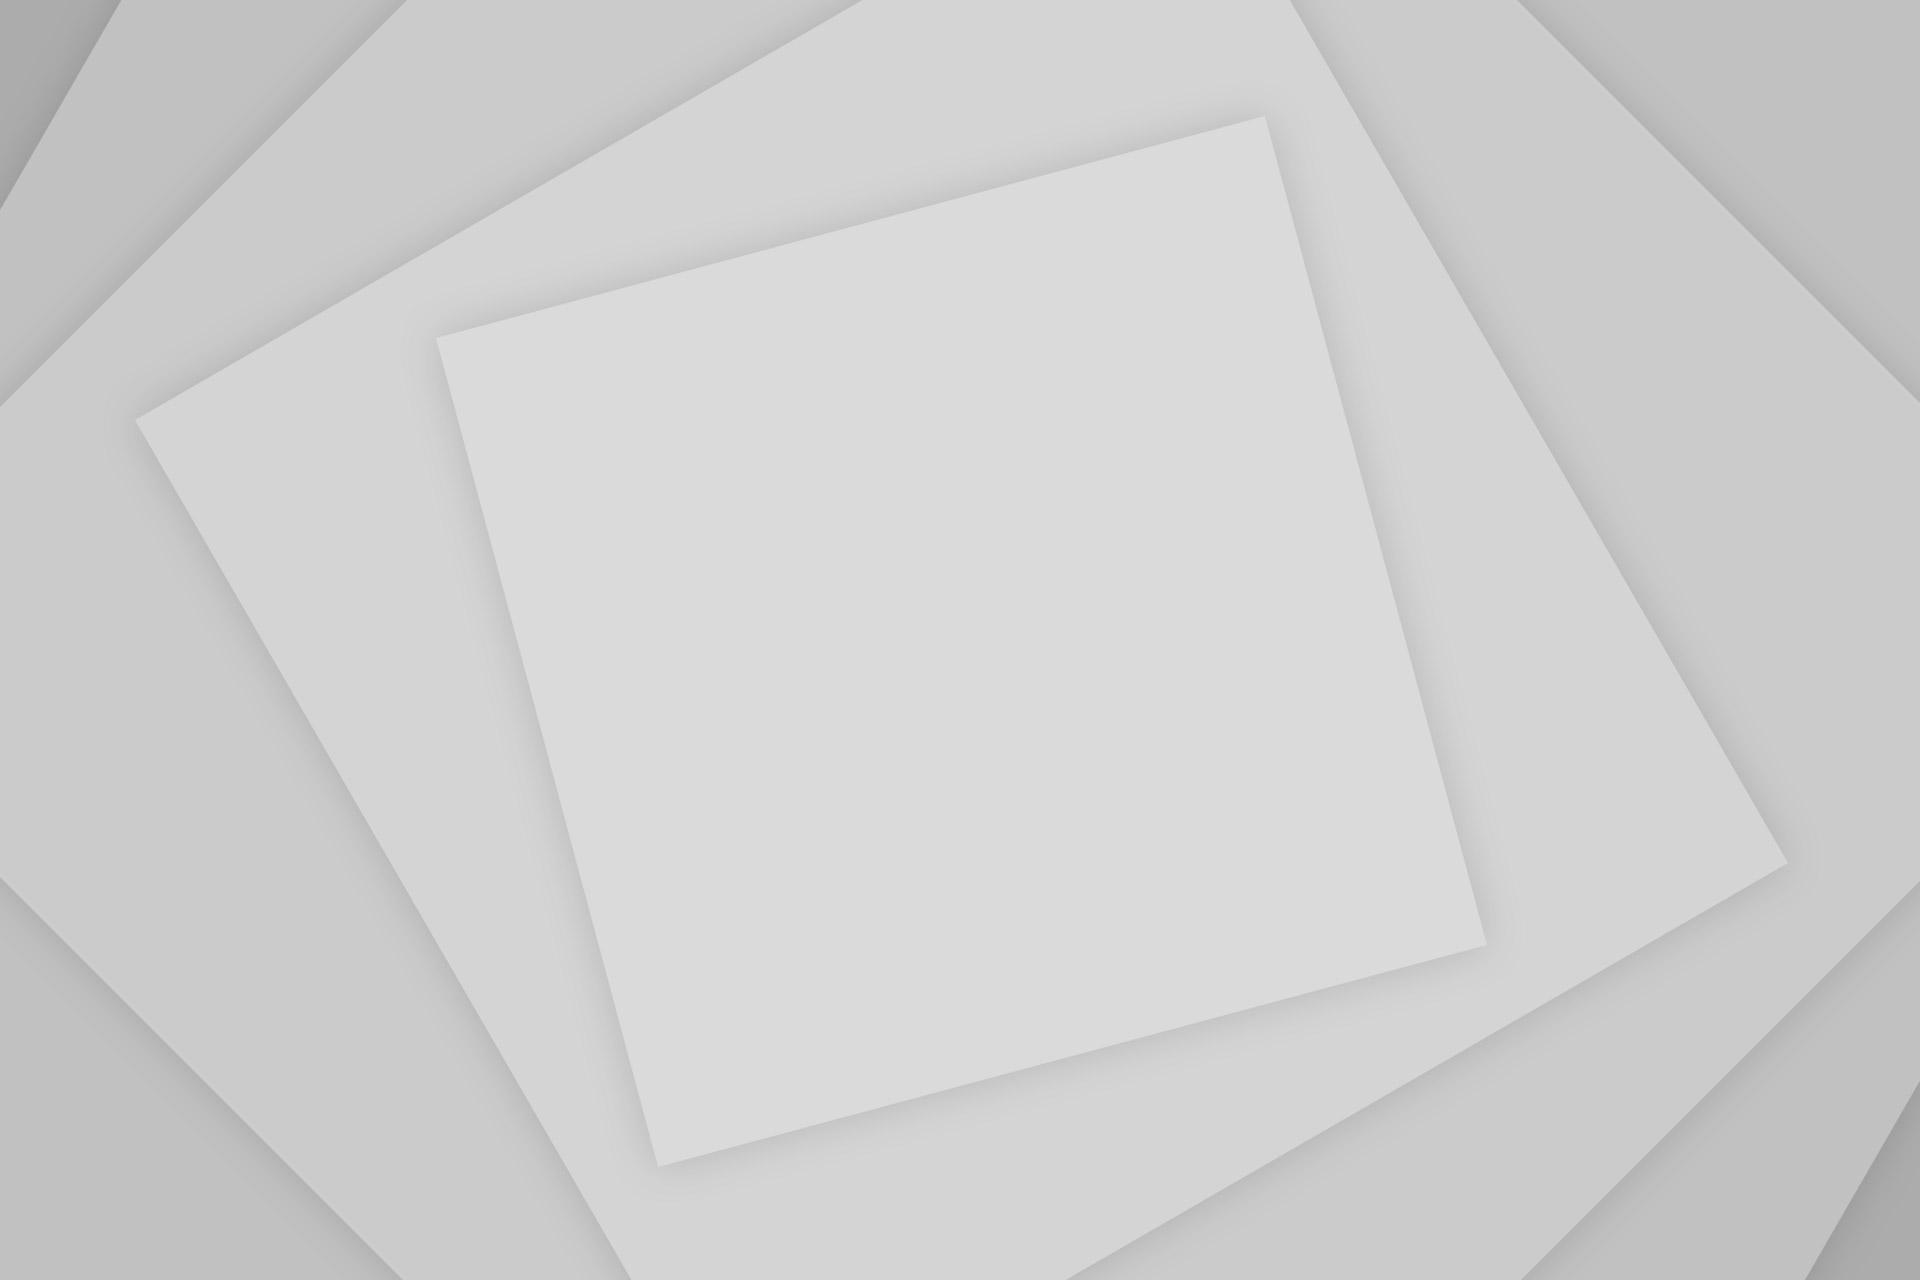 Τα πρόσωπα ευθύνης της νέας διοίκησης του δήμου Κατερίνης